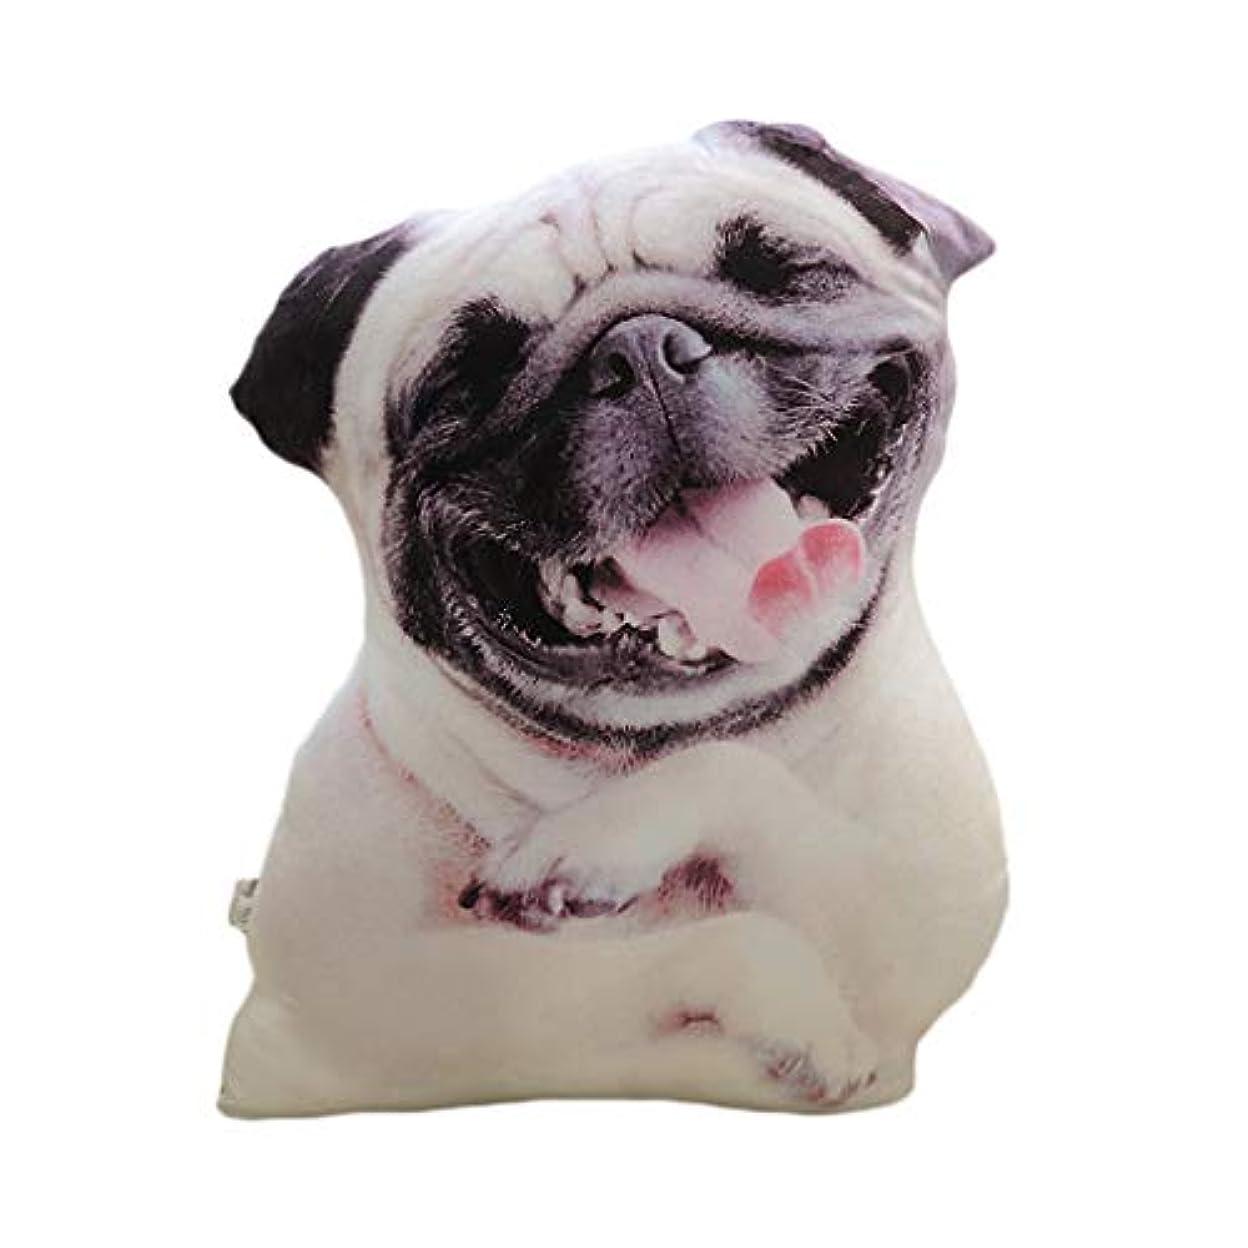 鋼世紀消毒するLIFE 装飾クッションソファおかしい 3D 犬印刷スロー枕創造クッションかわいいぬいぐるみギフト家の装飾 coussin decoratif クッション 椅子